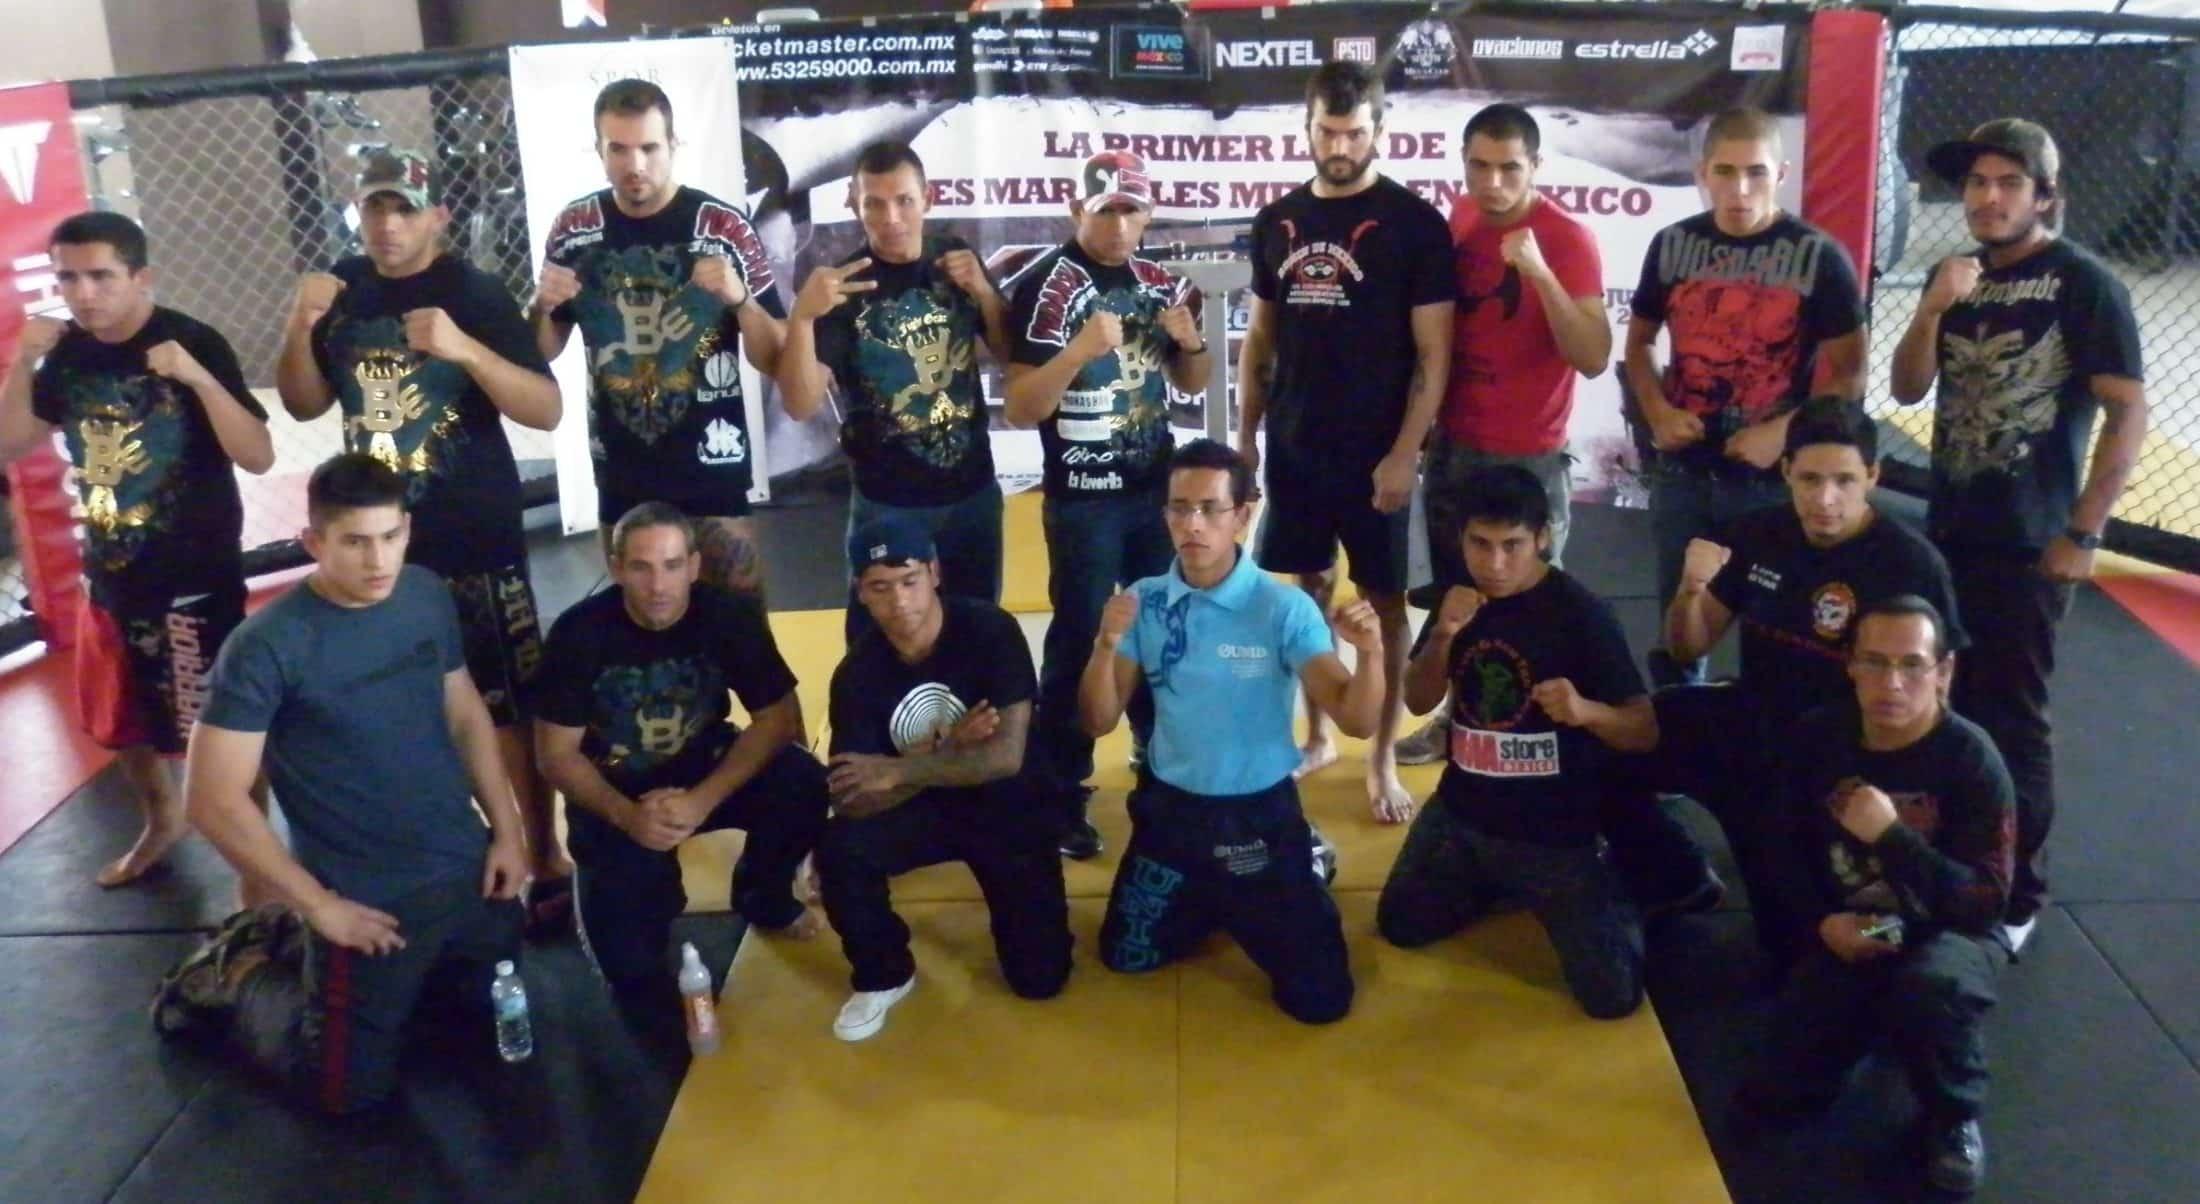 Peleadores de Xtreme Fighters Latino tras su subida a la báscula / Imager cortesía de Xtreme Fighters Latino en exclusiva para Súper Luchas